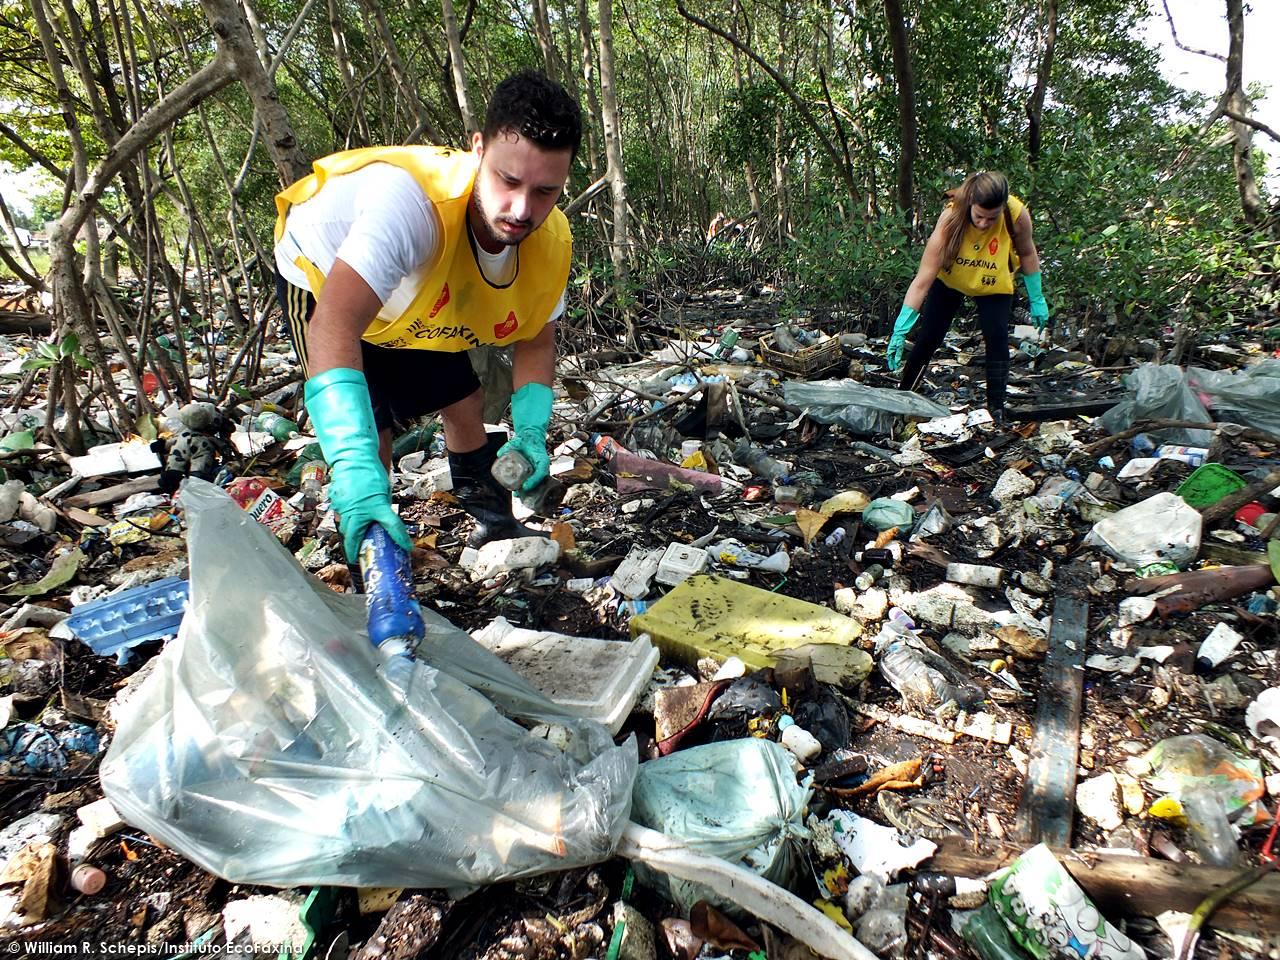 Voluntários coletam plástico durante ação voluntária em manguezal de Santos